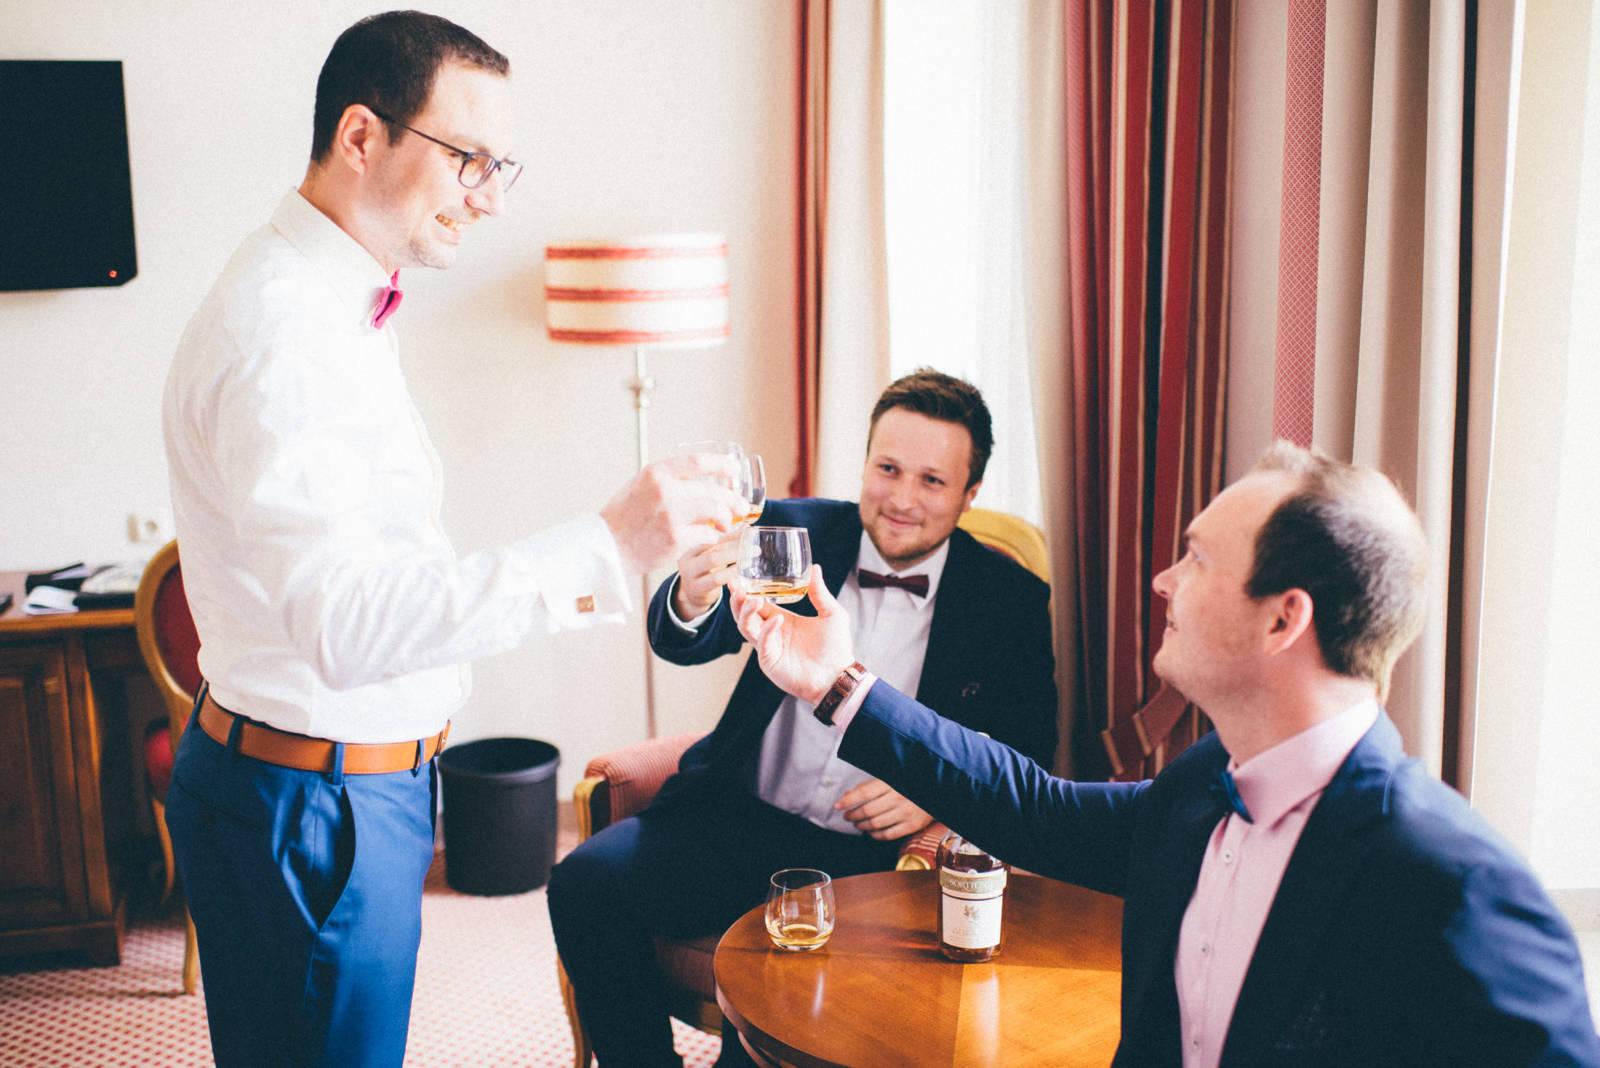 Hochzeitsfotograf Stuttgart Favoriten Hochzeitsbilder Galerie Favoriten Wedding Photographer Stuttgart Bruno Biermann-1